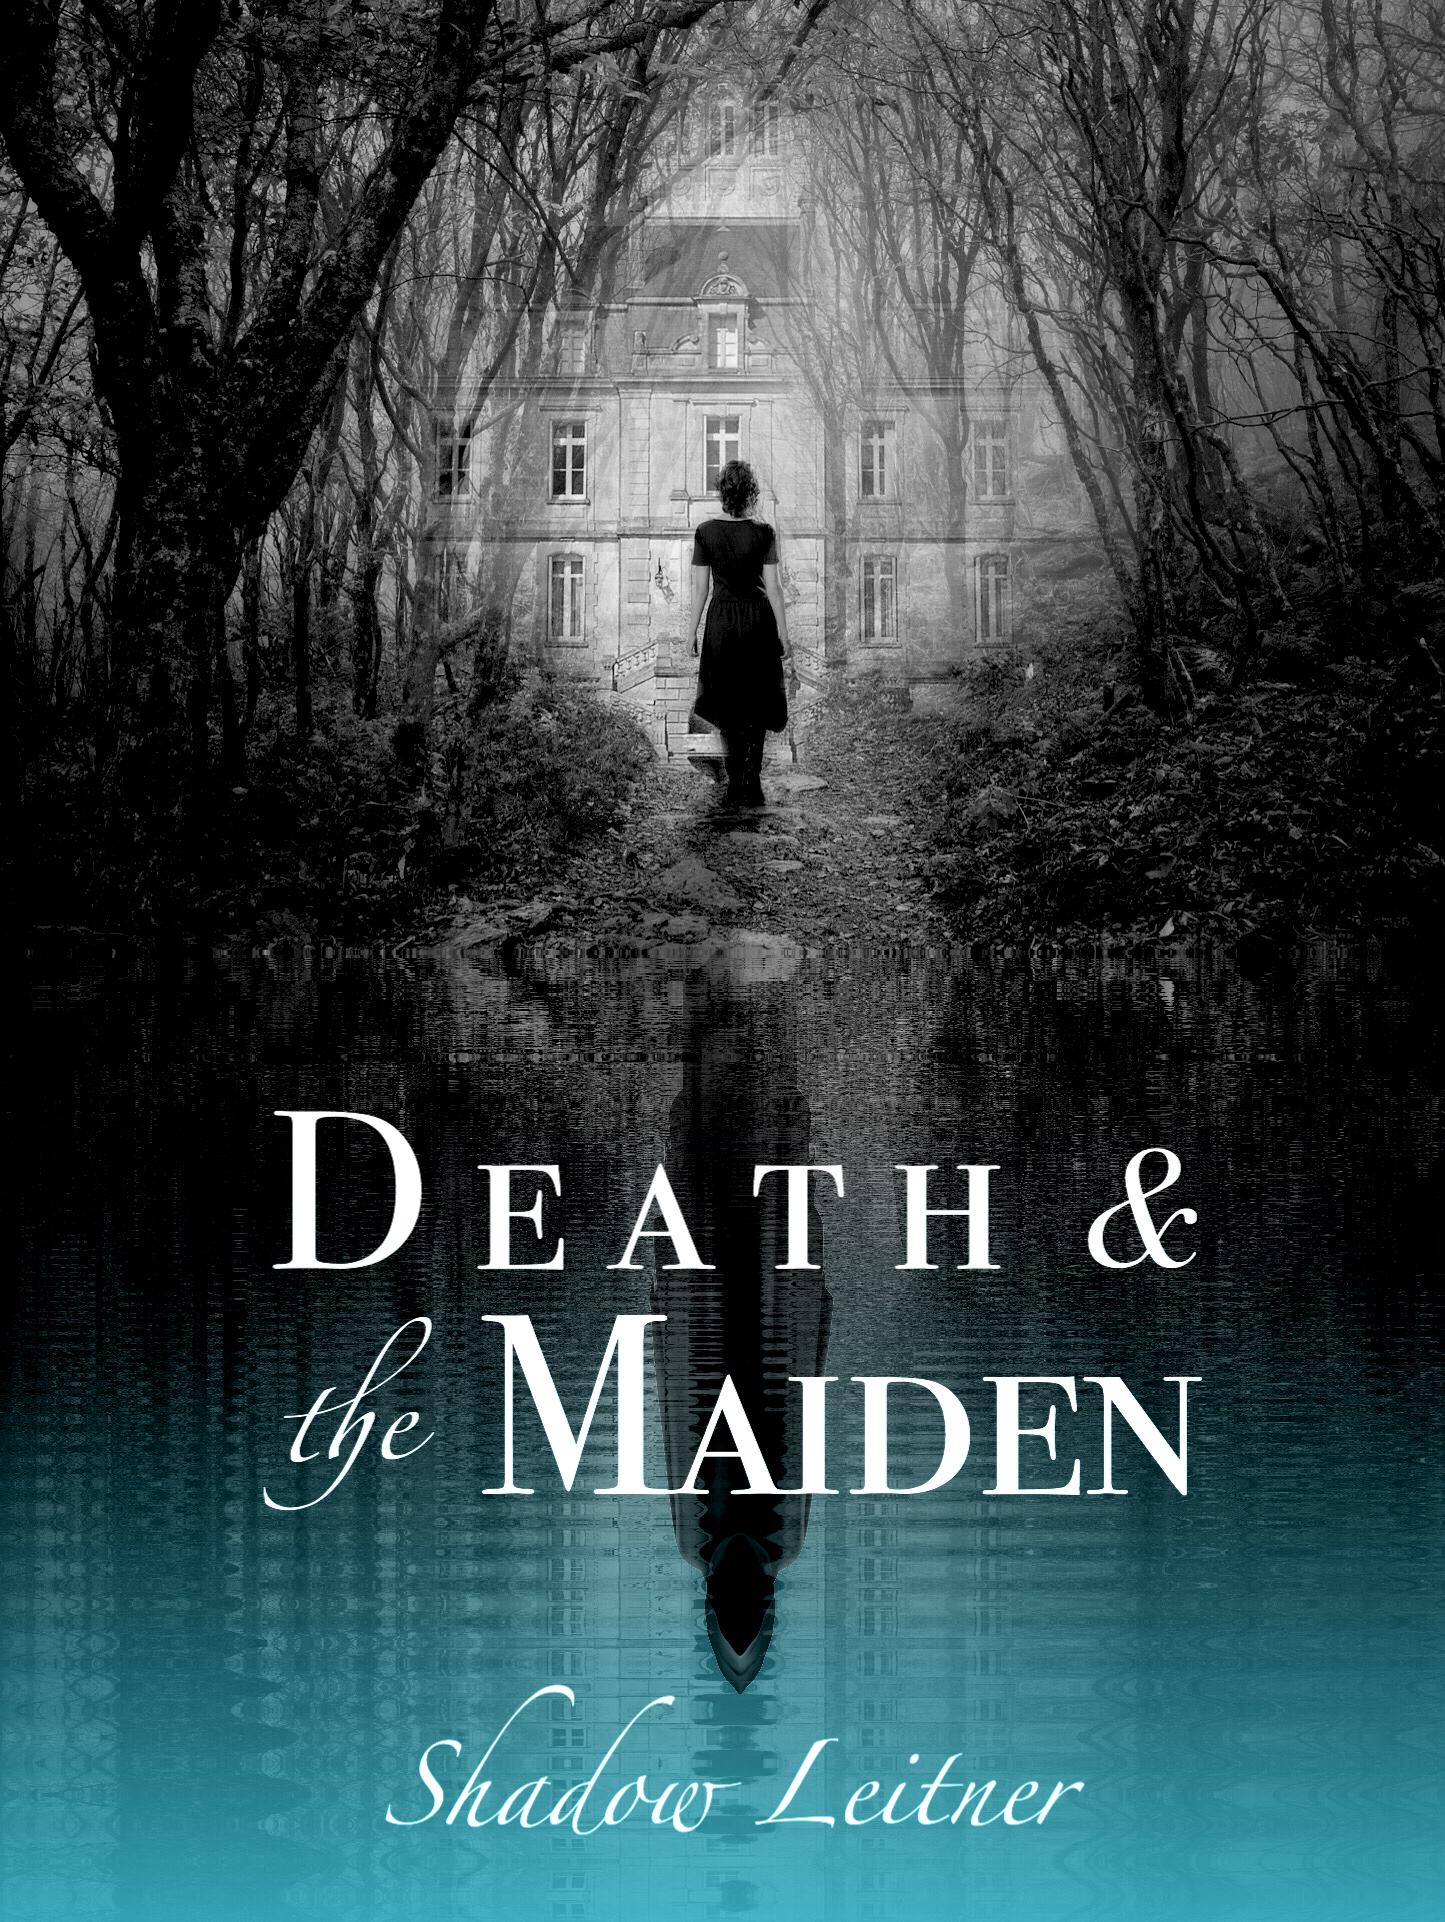 Death & the Maiden e-book